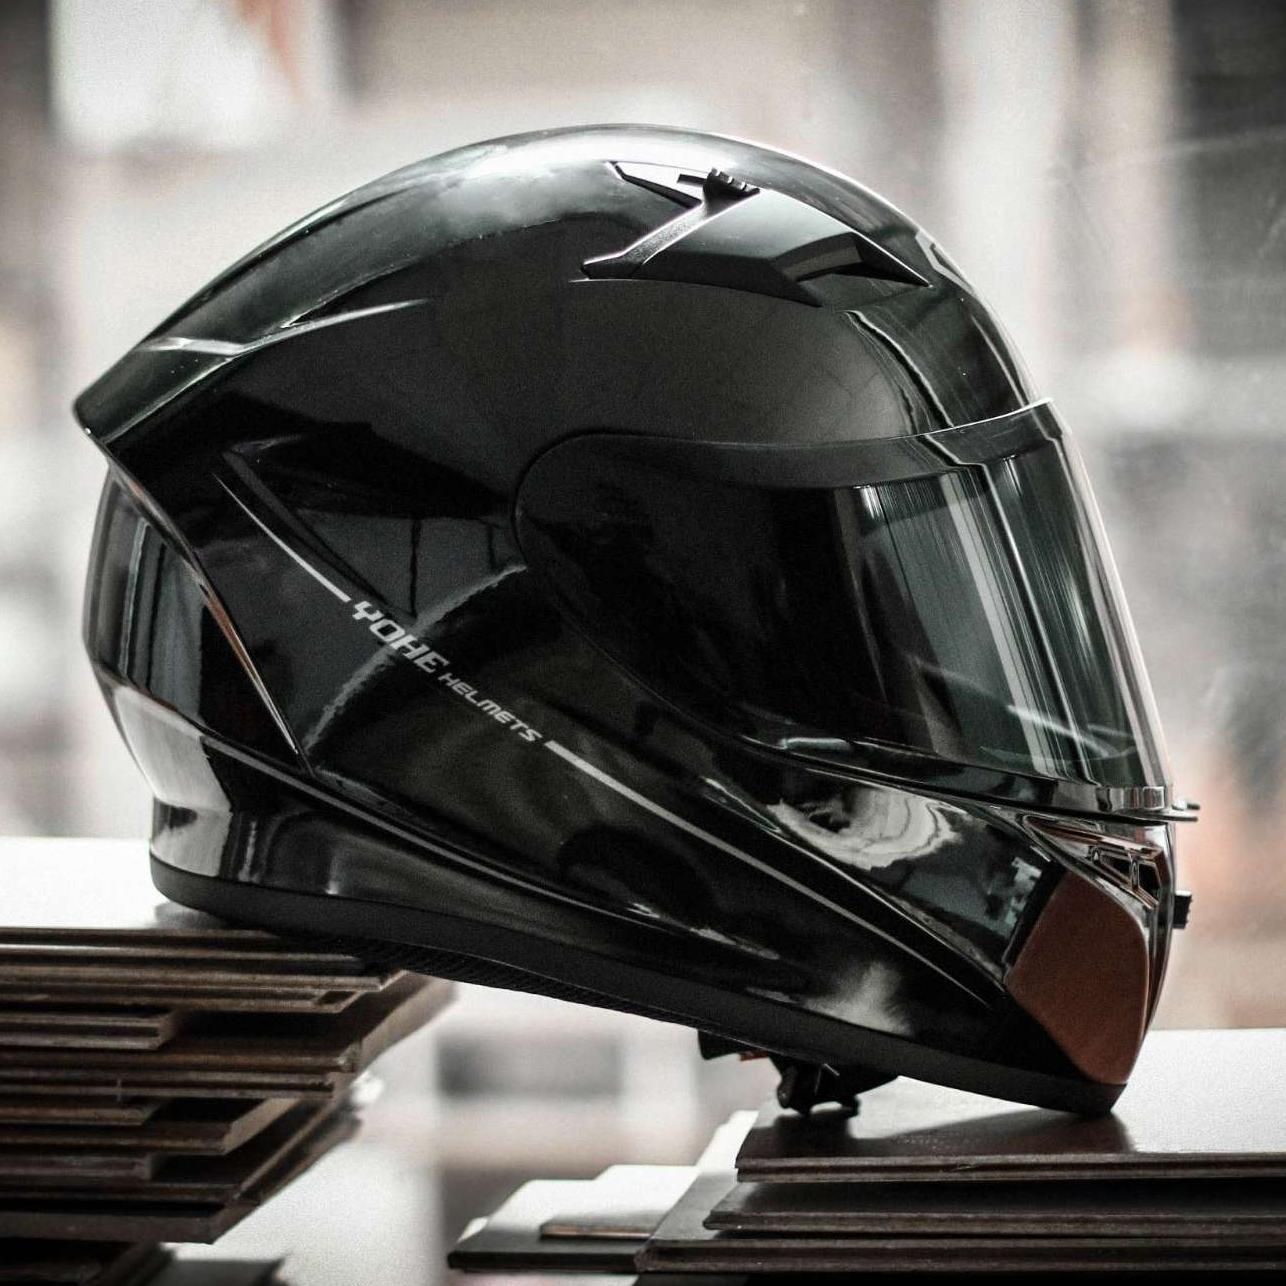 Mũ bảo hiểm cả đầu là gì